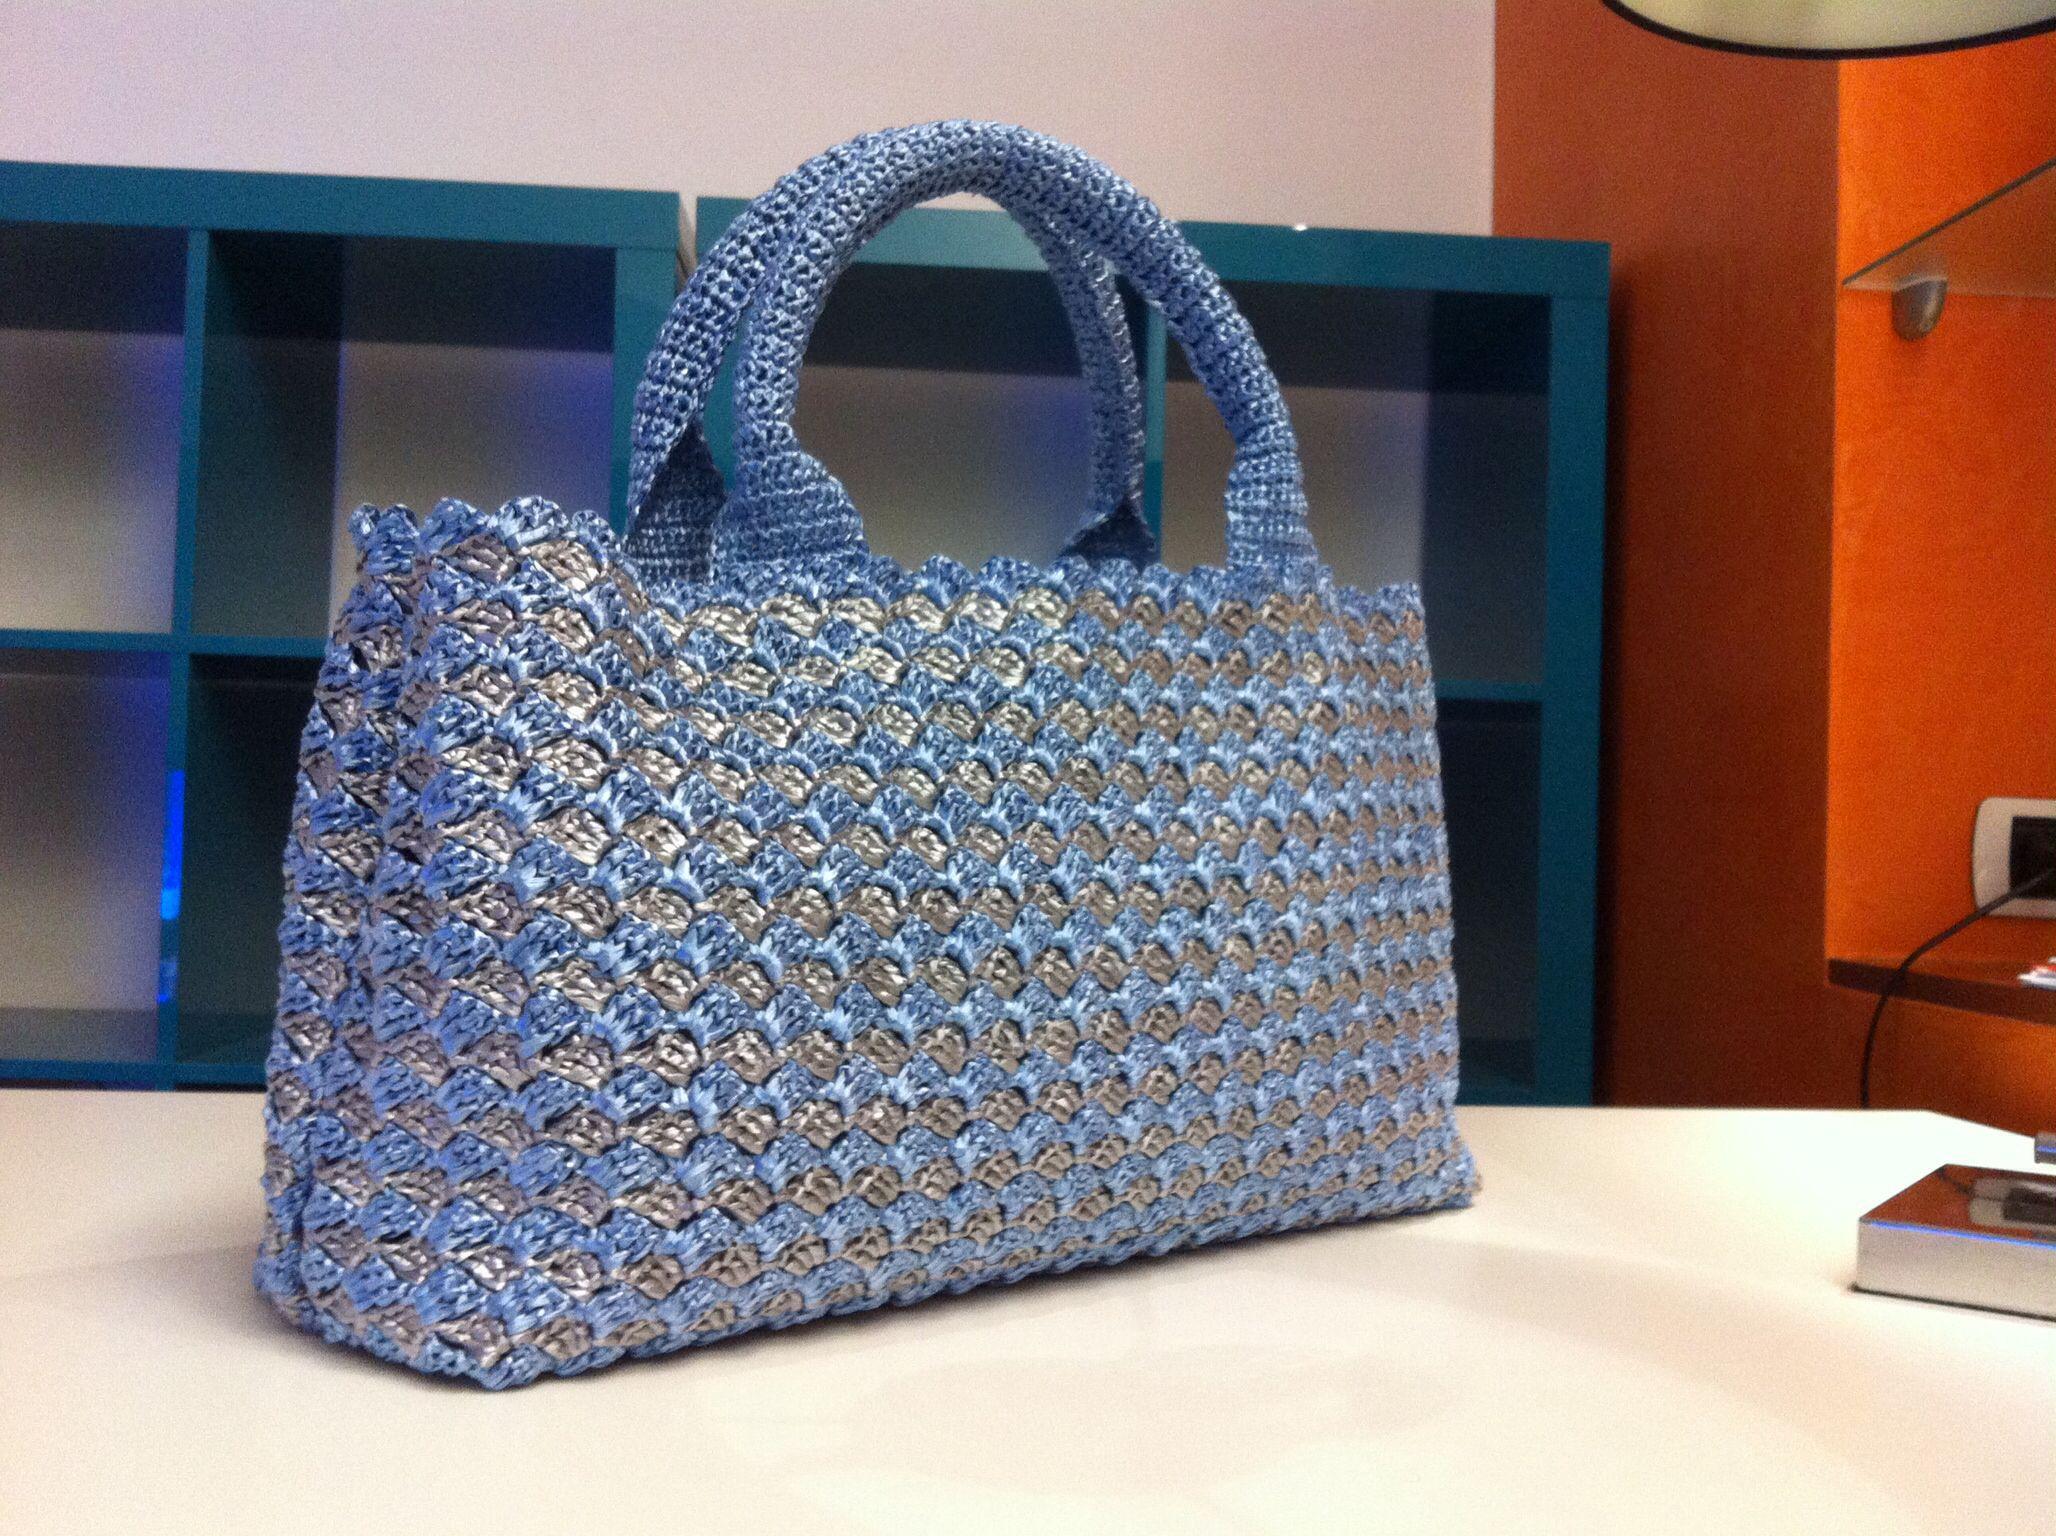 Super Borsa mod Prada in rafia di viscosa | Bags - Crochet and Knit  FF71